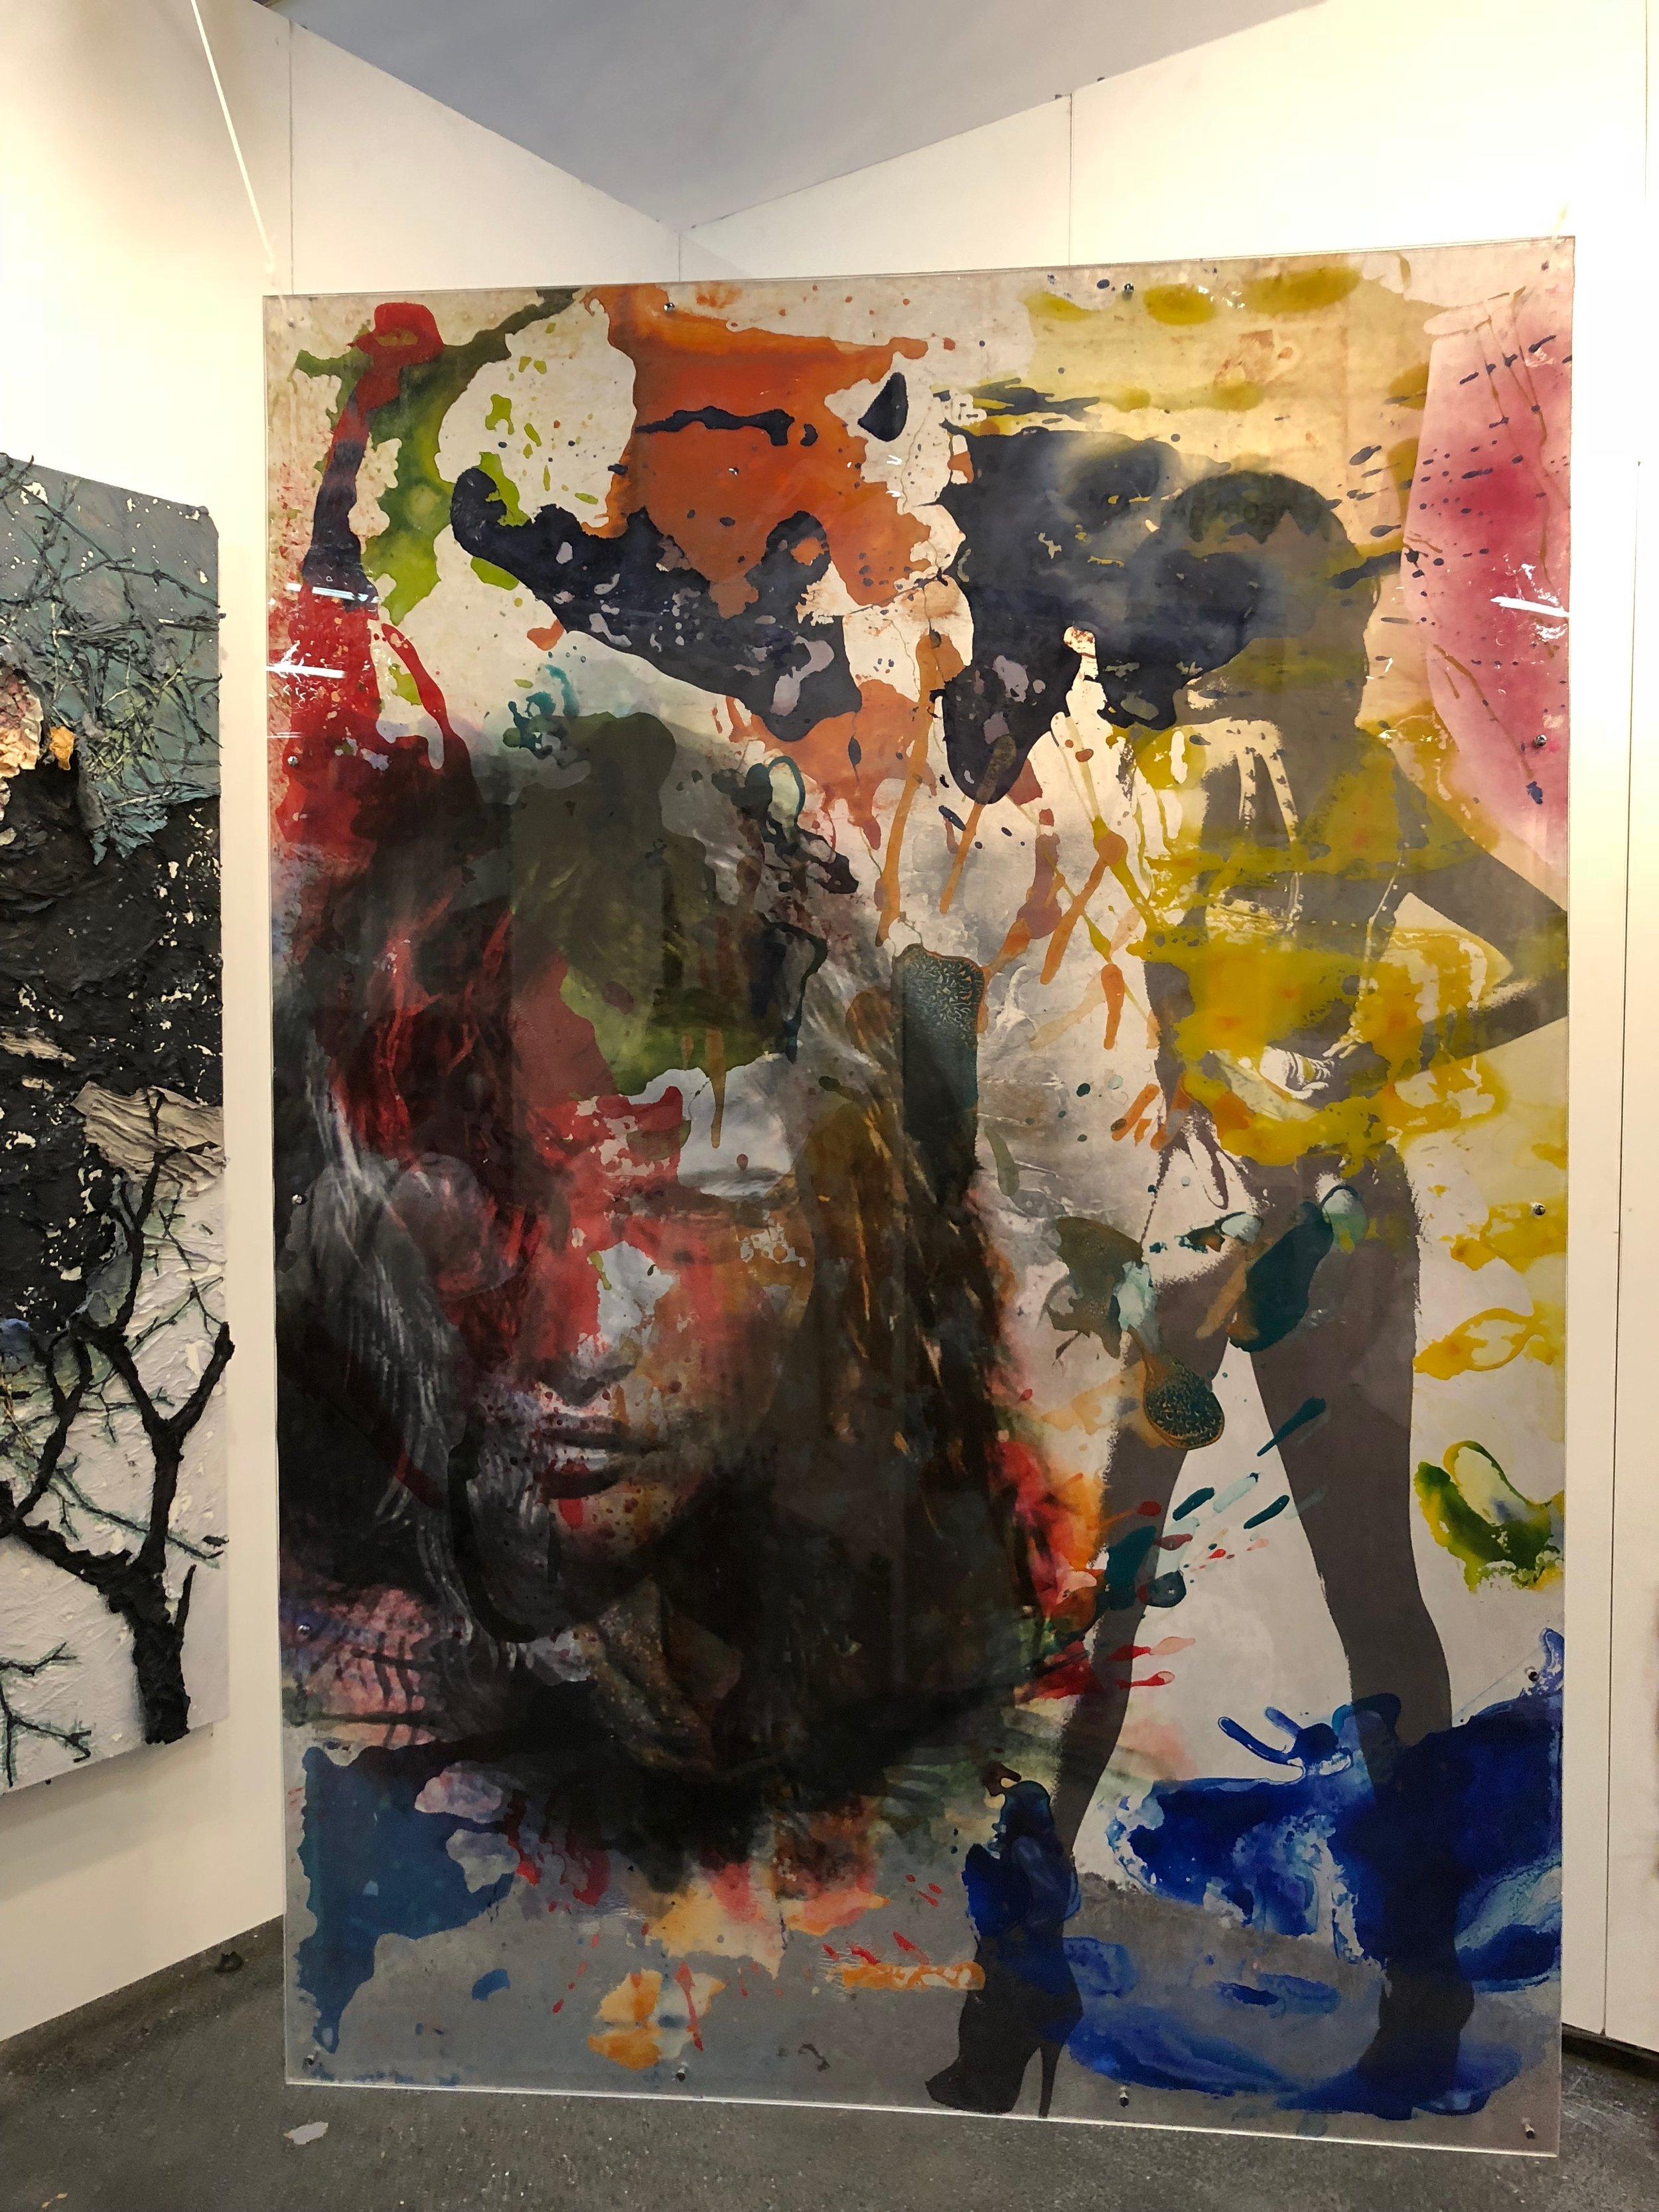 Double sided art on glass! Bedri Baykam at Piramid Sanat